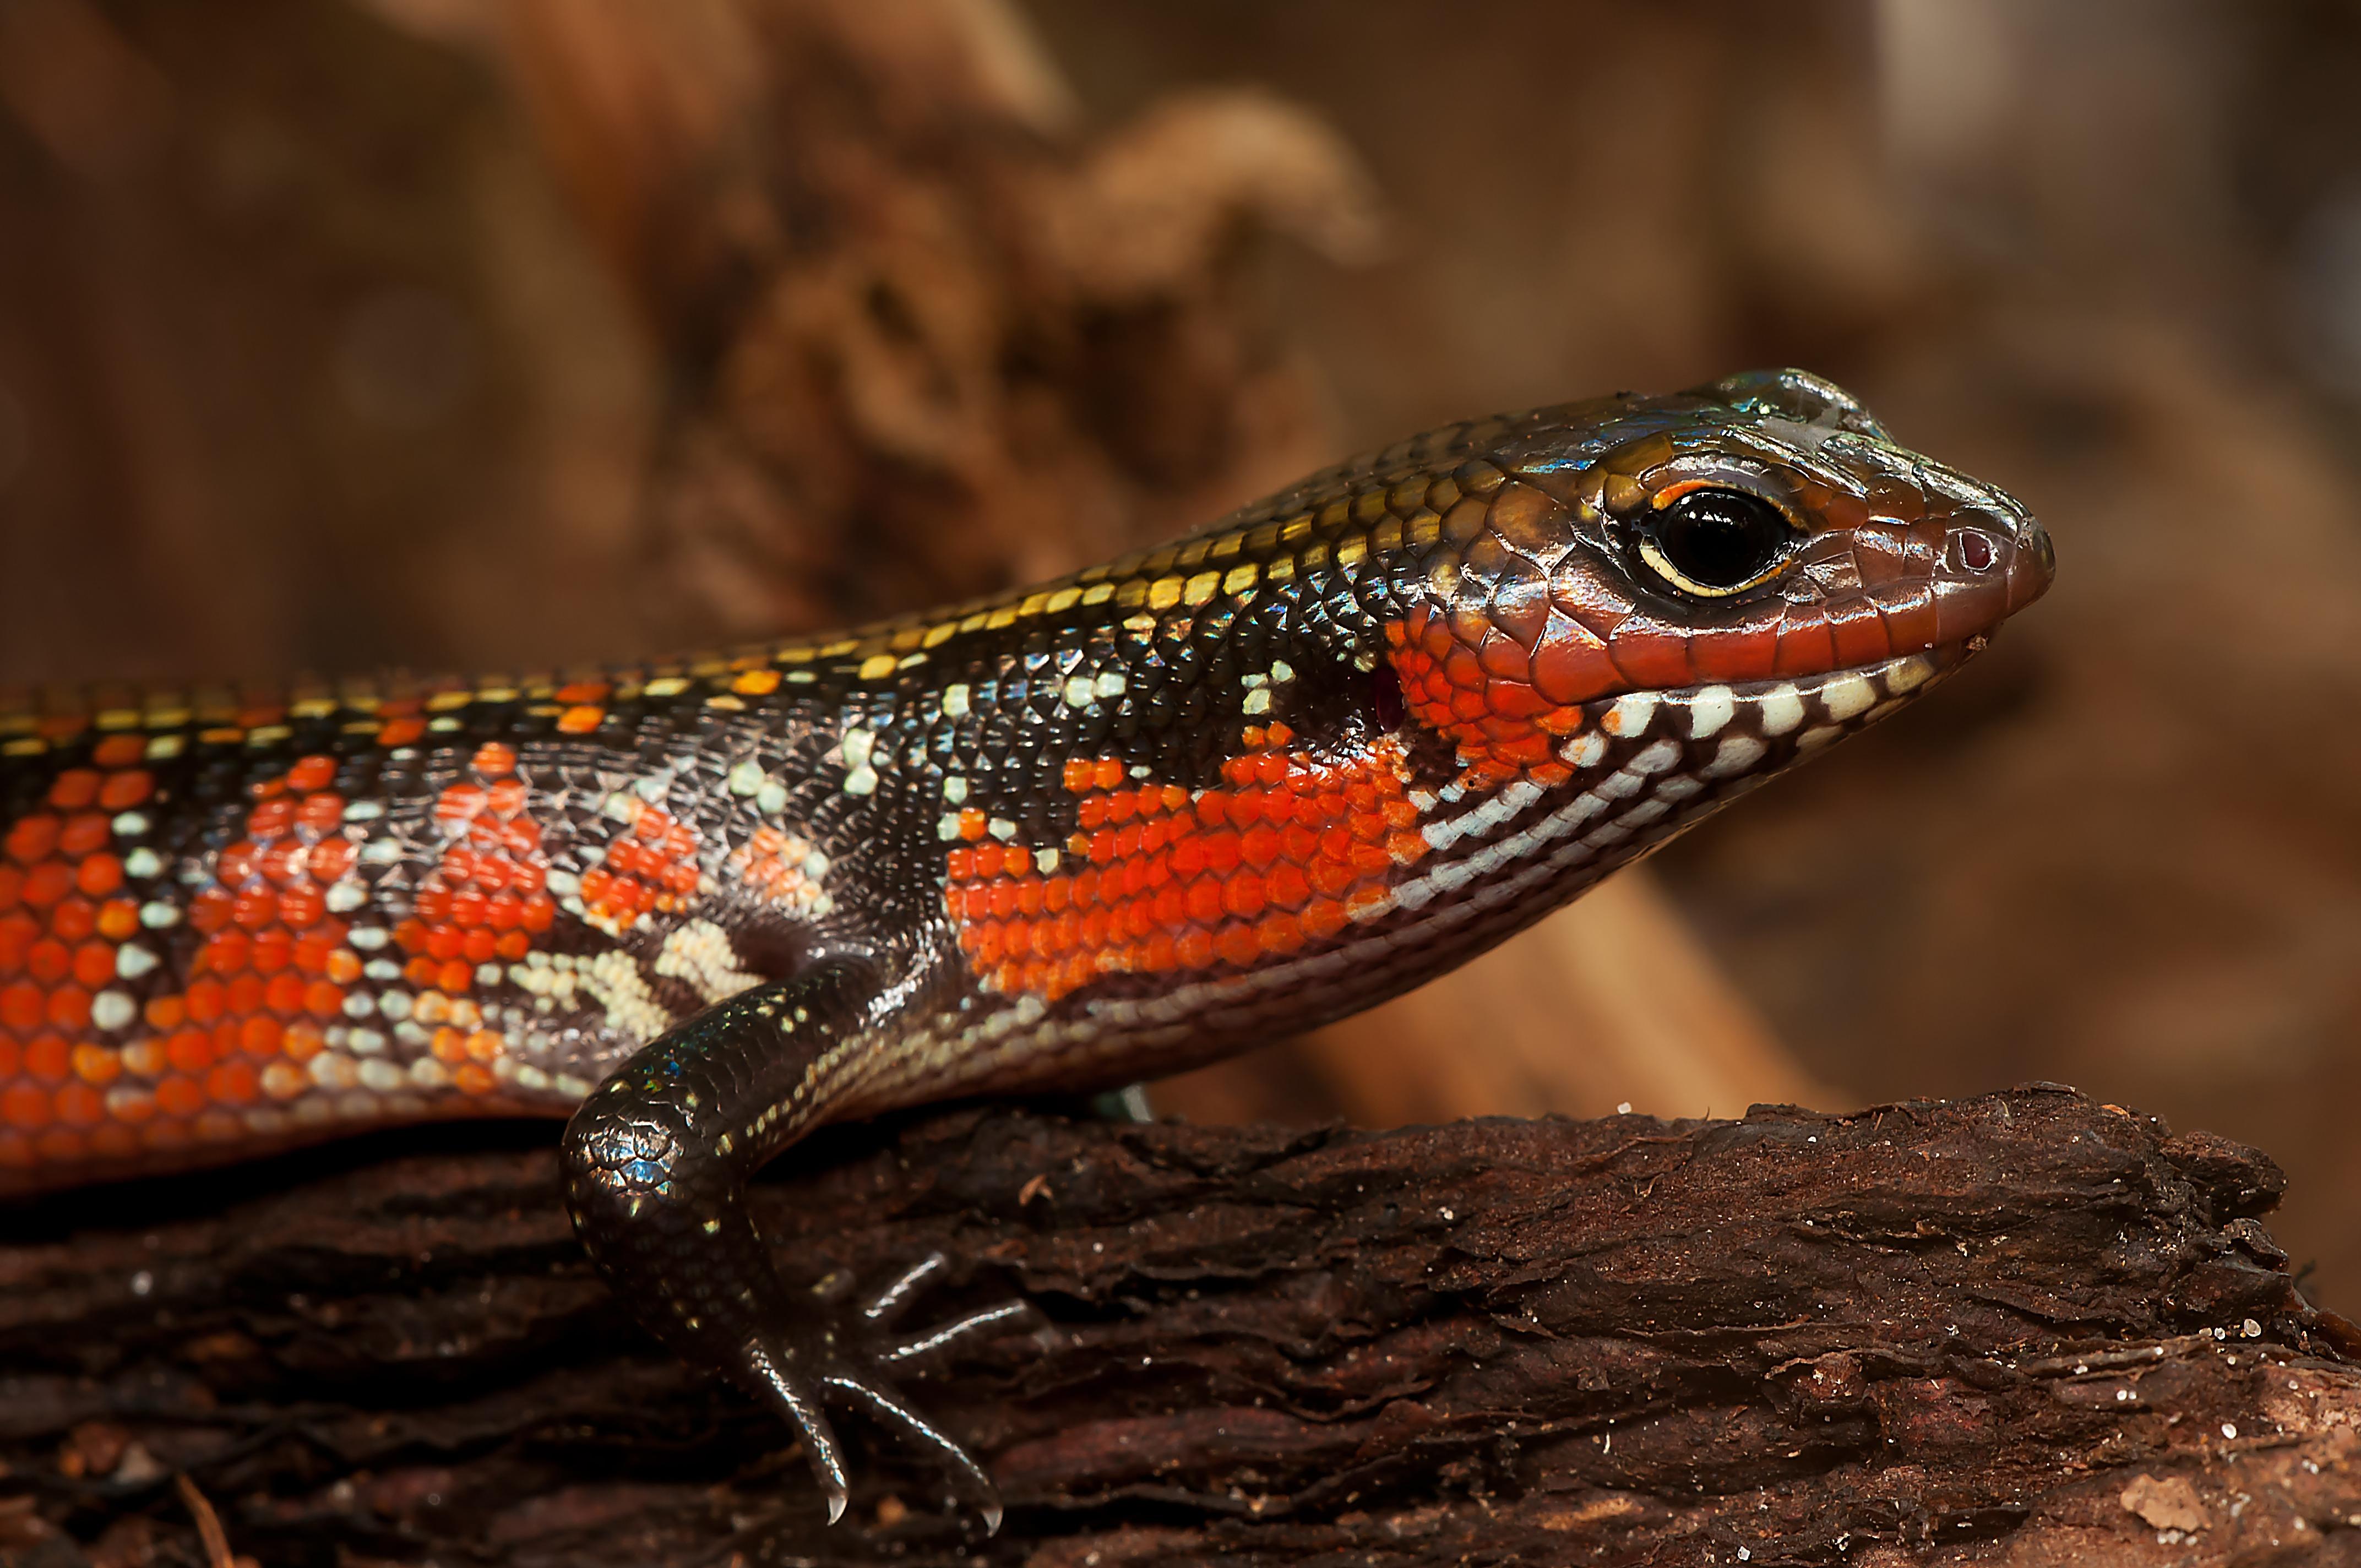 67982 Hintergrundbild herunterladen Tiere, Farbe, Eidechse, Reptil, Reptile, Skink, Schuppentier - Bildschirmschoner und Bilder kostenlos